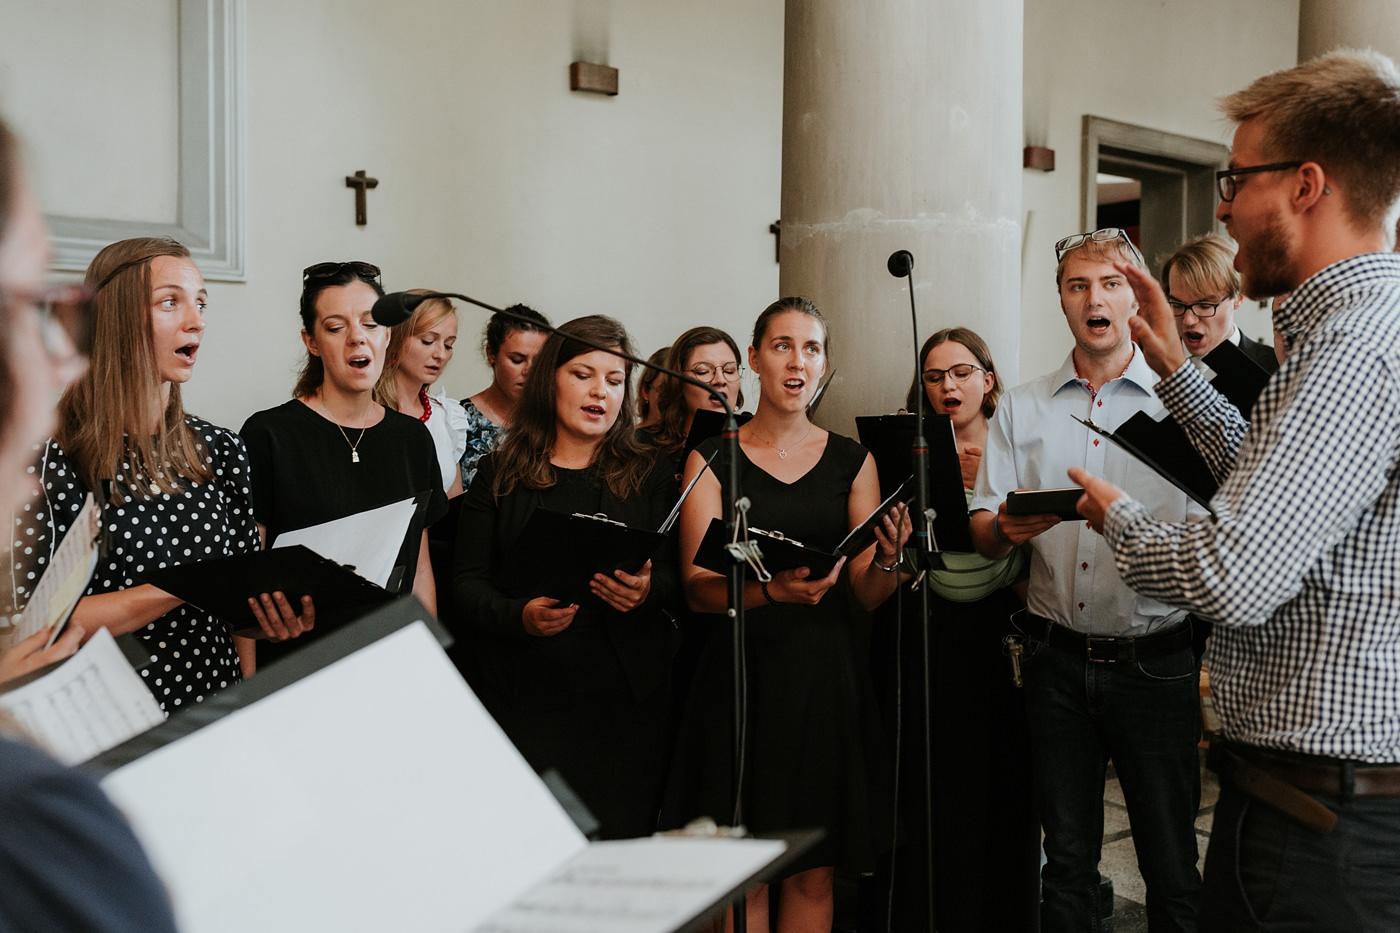 Dominika & Aleksander - Rustykalne wesele w stodole - Baborówko 52